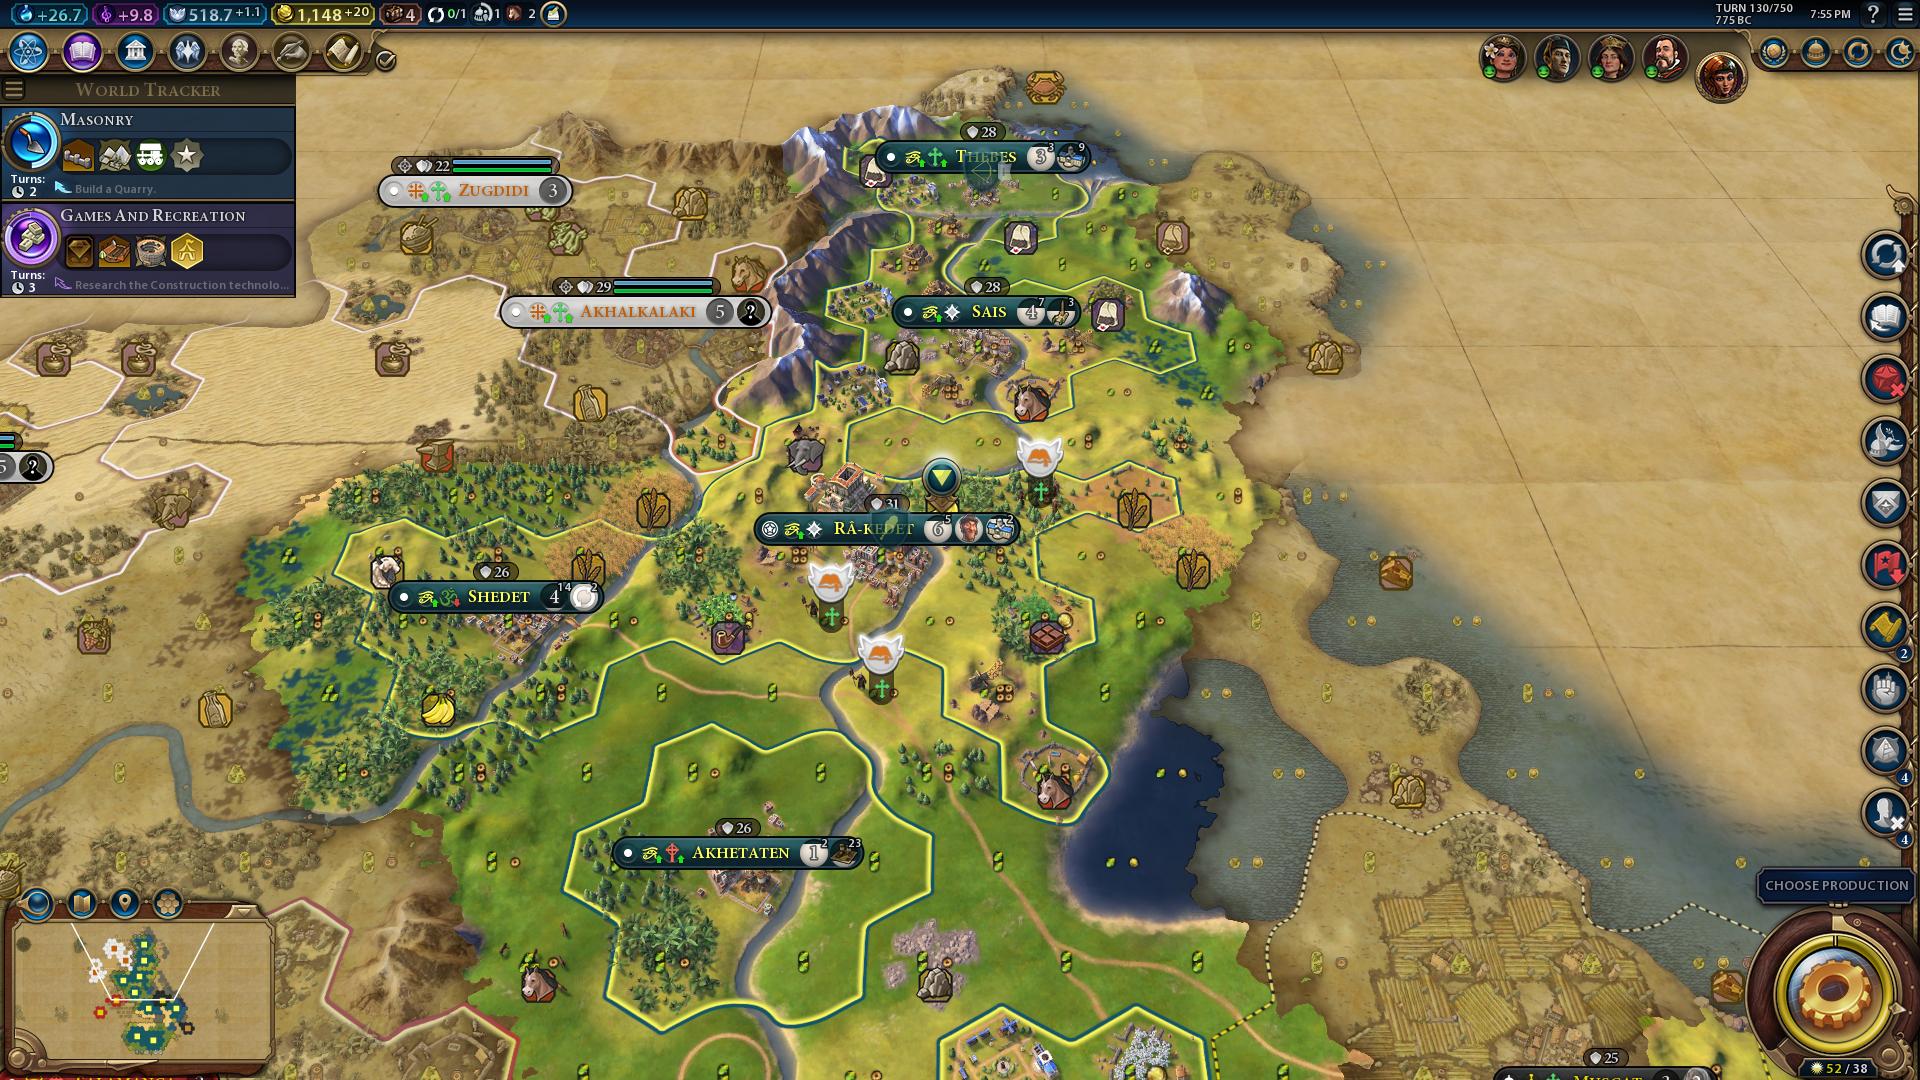 Sid Meier's Civilization VI (DX11) 5_17_2018 7_55_43 PM.png